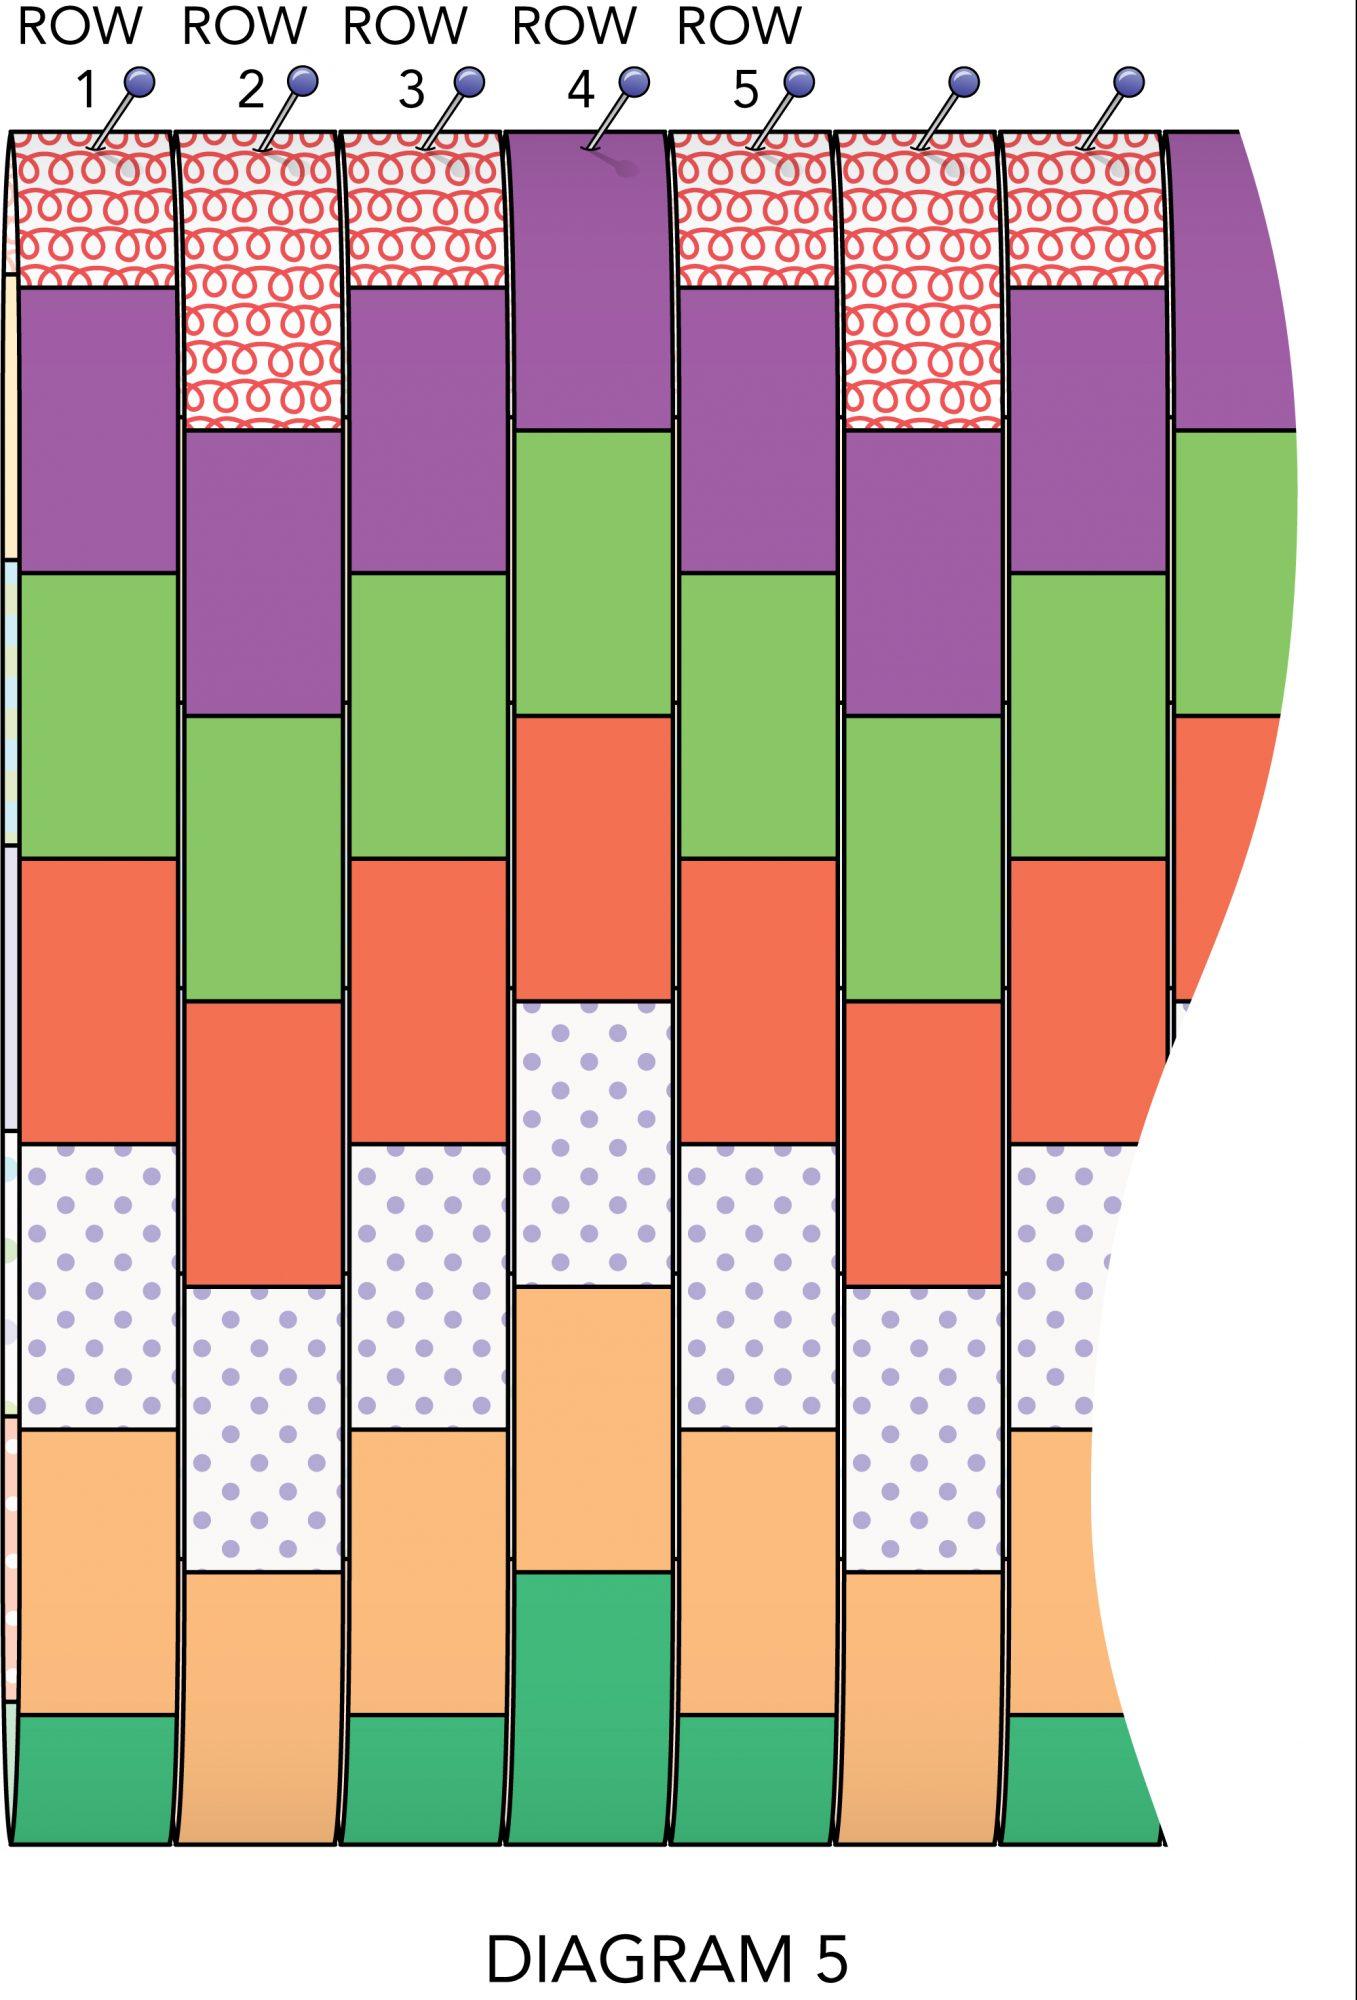 Quake diagram 5